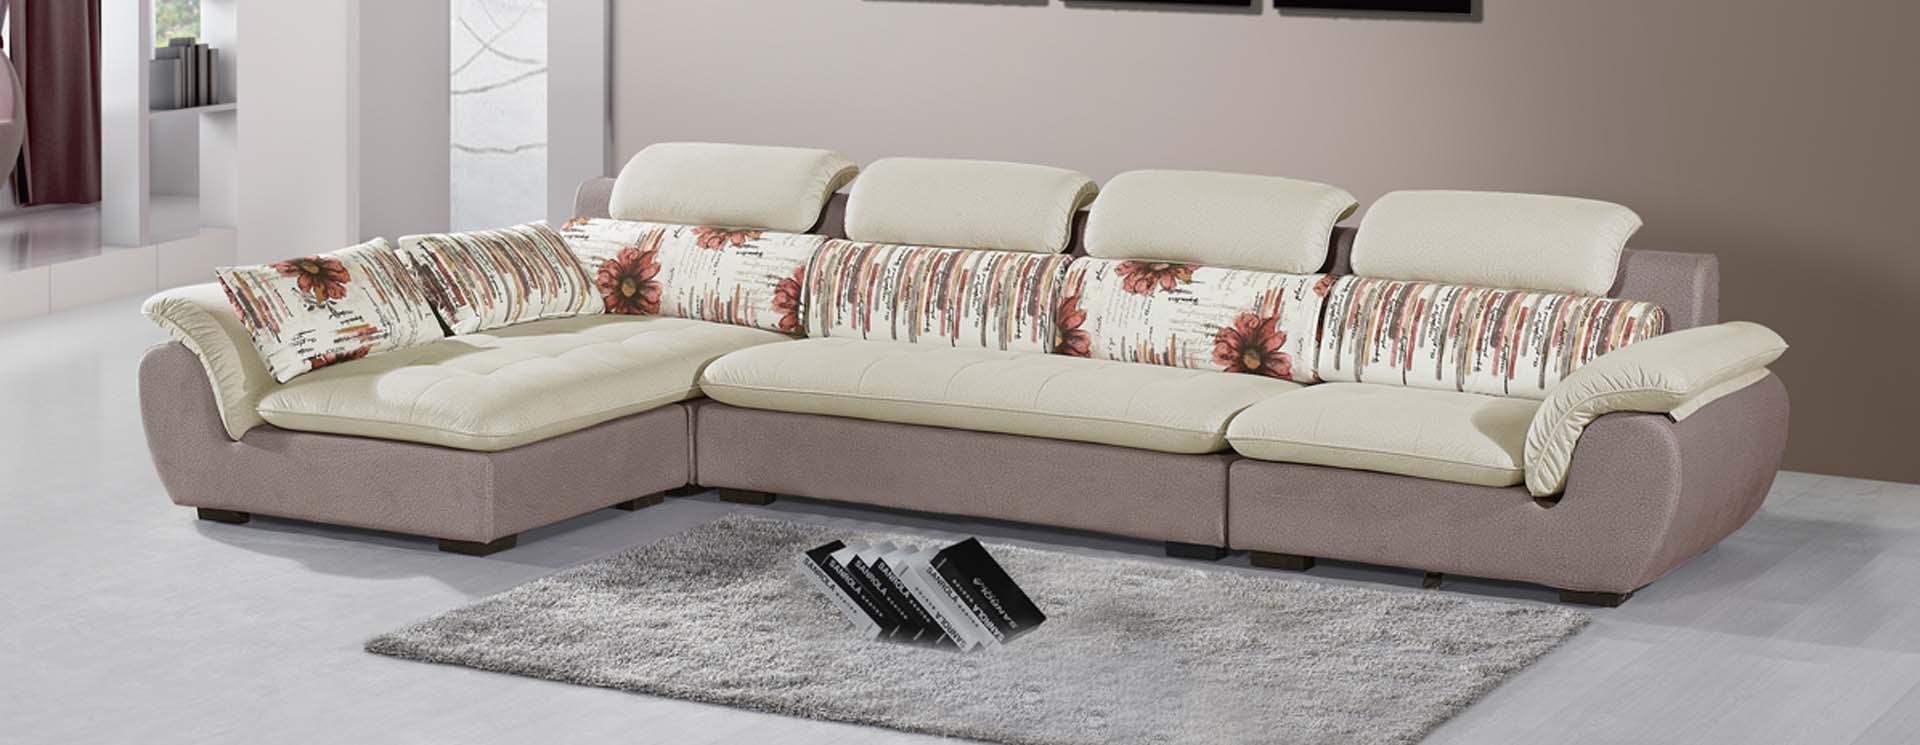 名称:沙发E-801A#<br/> 市场价:<font style='color:#999;text-decoration:line-through;'>¥0</font><br />全国统一零售价:<font color='Red'>¥0.0</font>